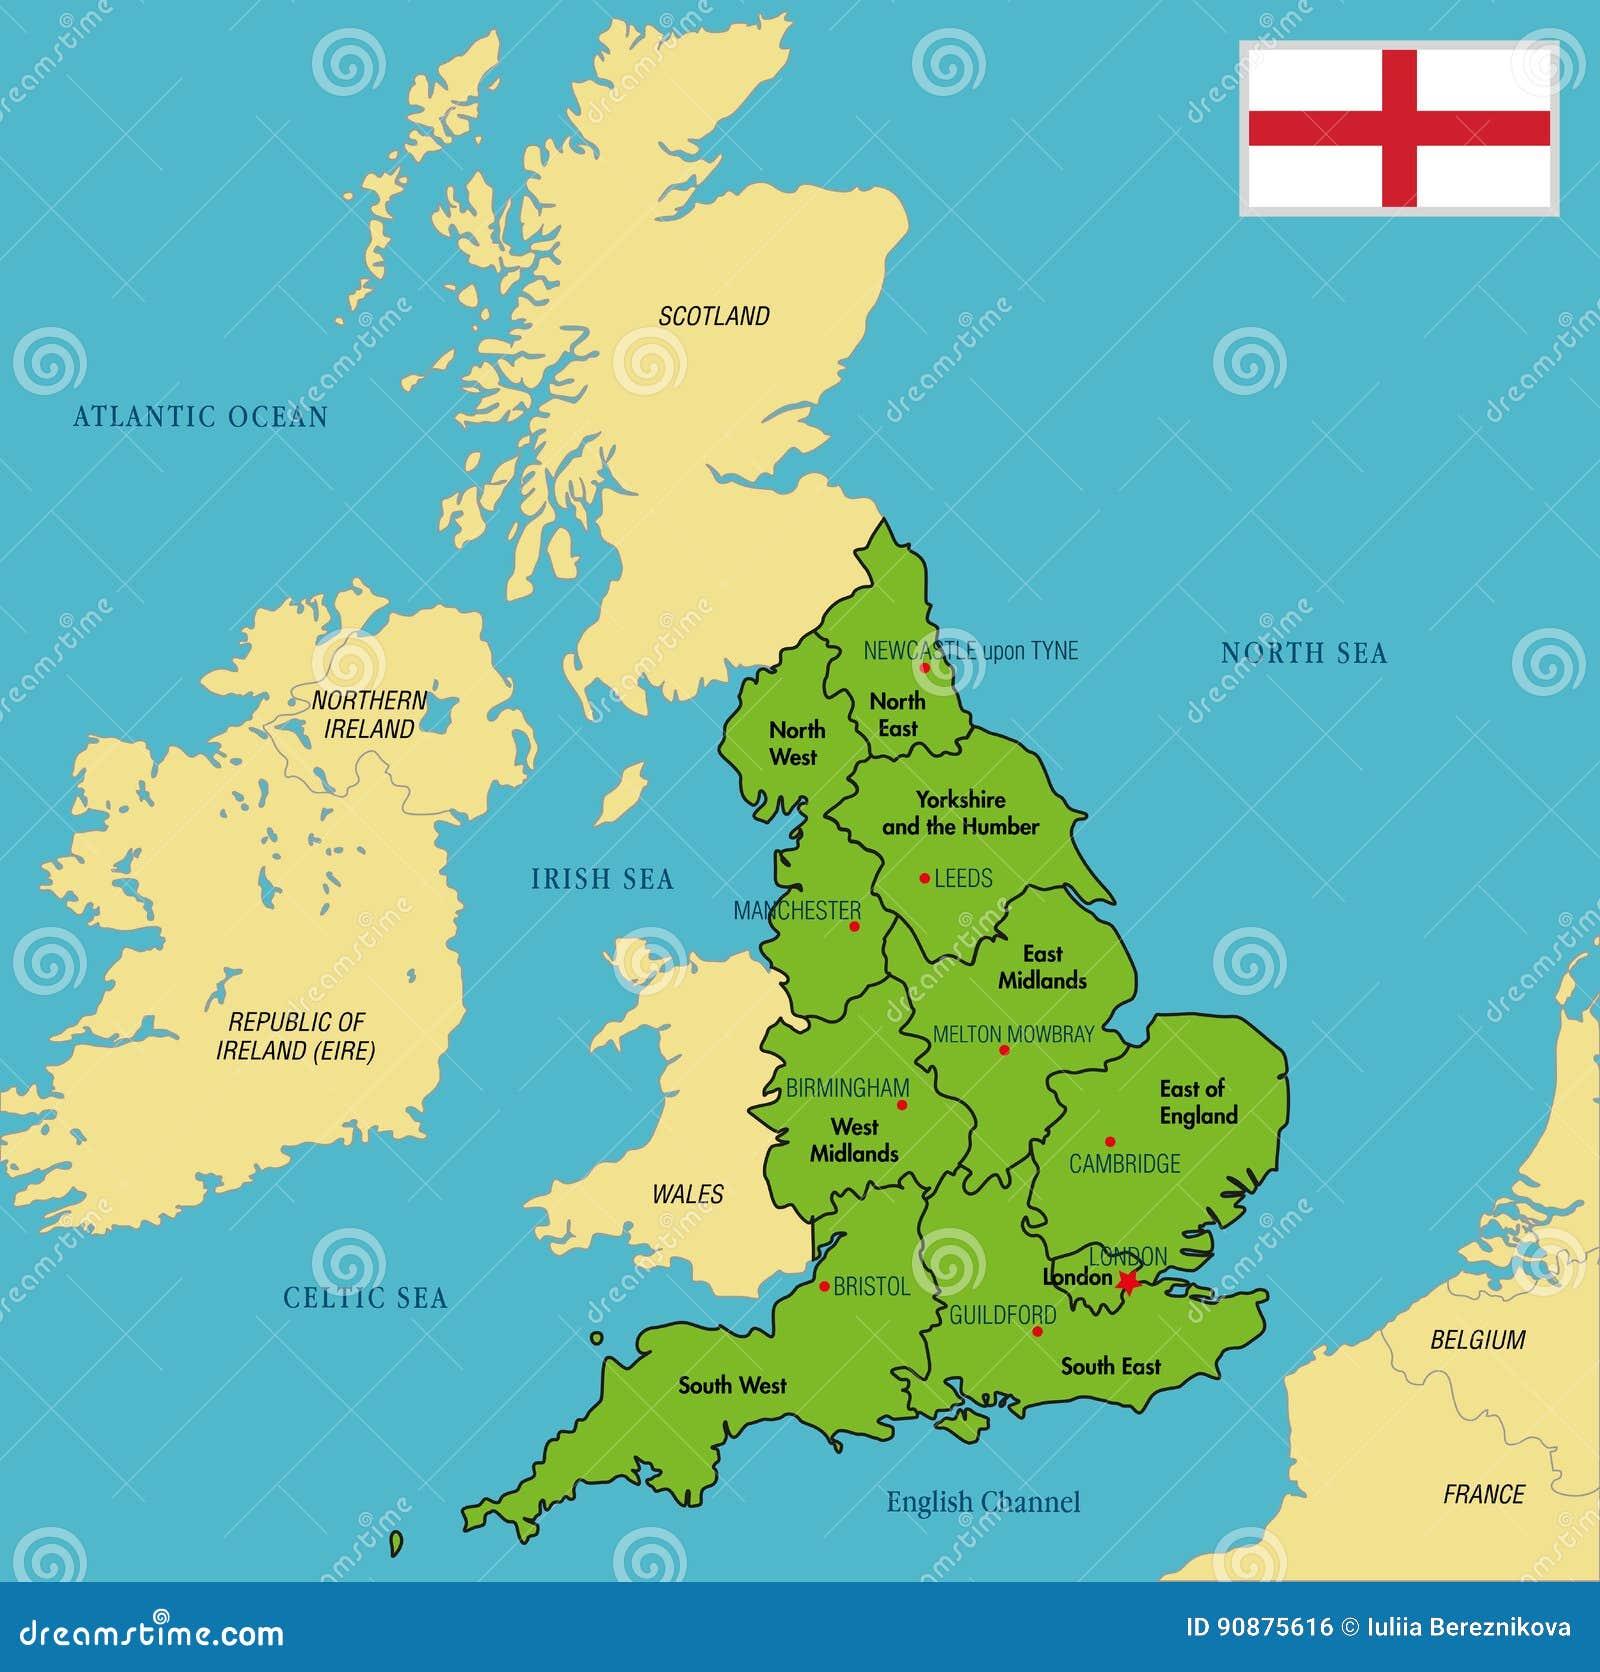 Cartina Geografica Dell Inghilterra Politica.Mappa Politica Dell Inghilterra Con Le Regioni E Le Loro Capitali Illustrazione Vettoriale Illustrazione Di Estratto Programma 90875616